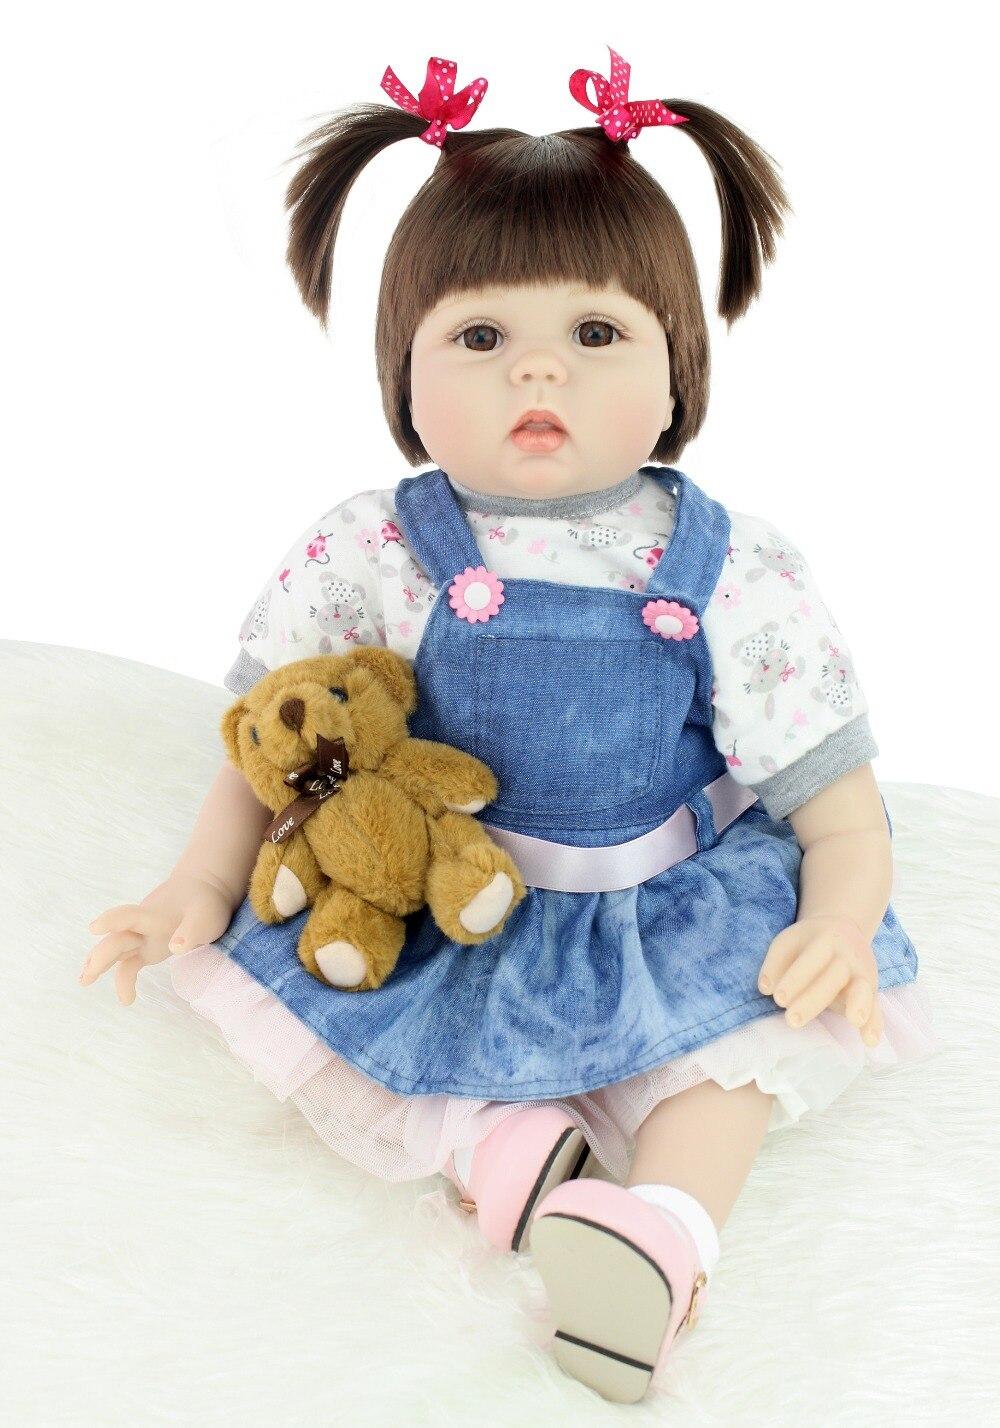 NPK 22 дюймов 55 см мягкие силиконовые возрождается куклы младенца реалистичной Реалистичного Baby Doll Игрушки для малышей